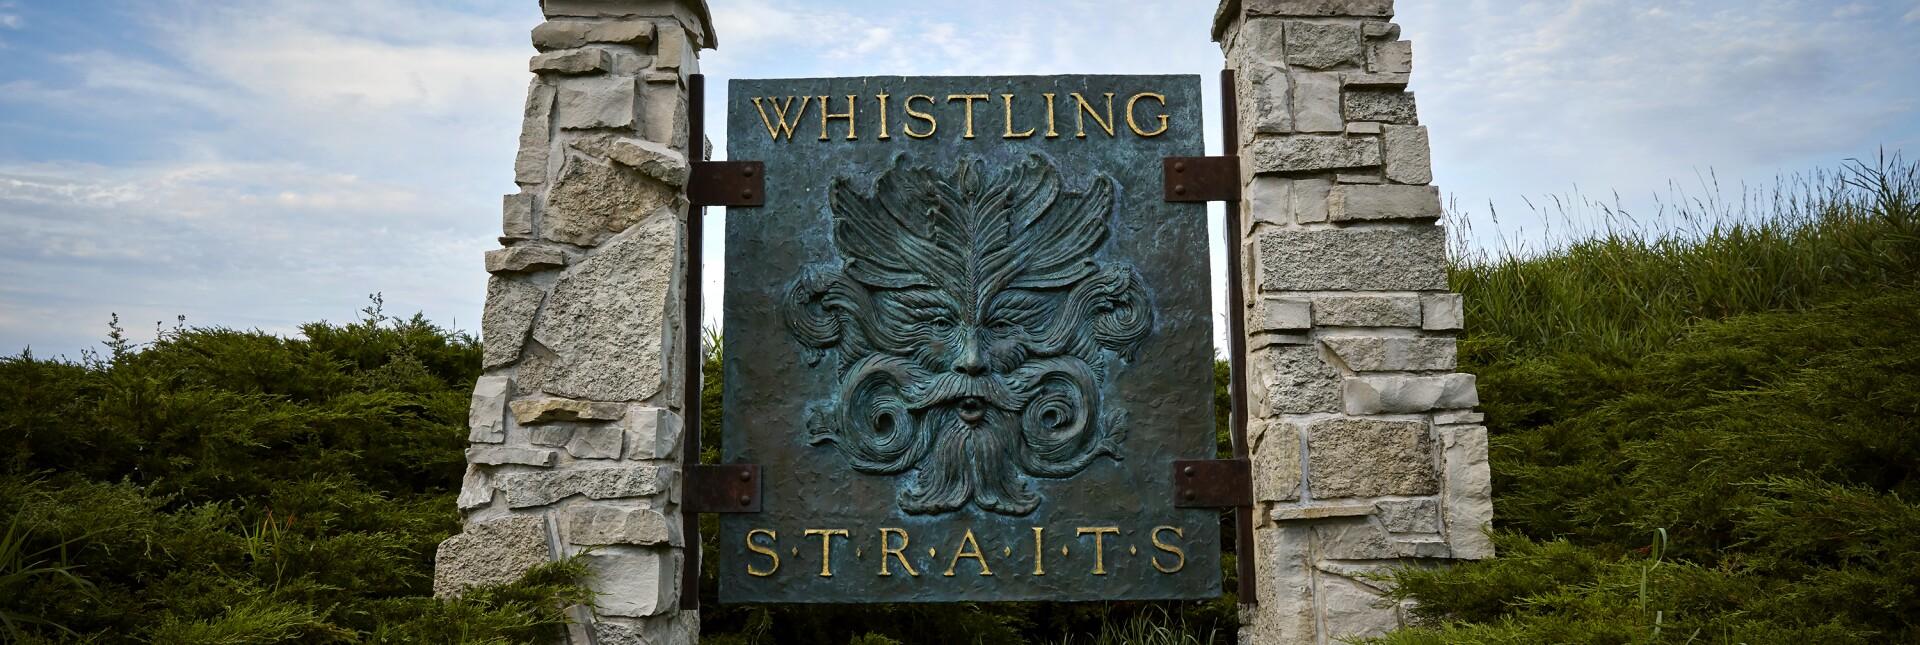 Whistling Straits Pics